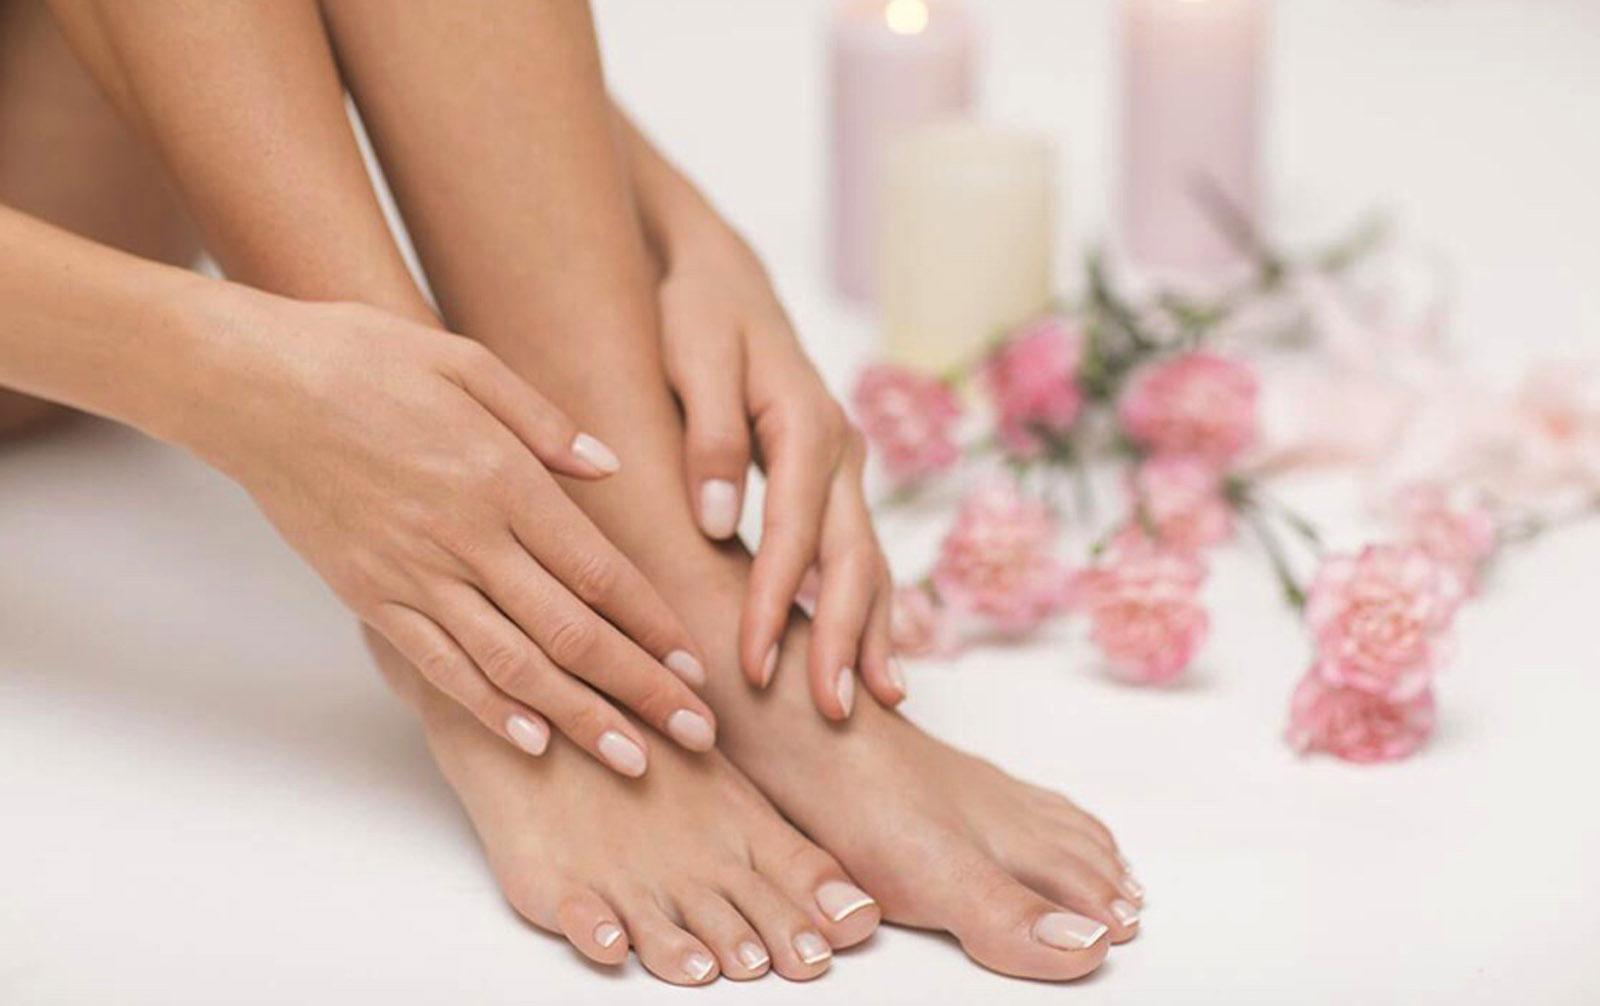 Salon-de-beaute-french-manucure-french-pedicure-epilation-nail-salon-paris-9-3